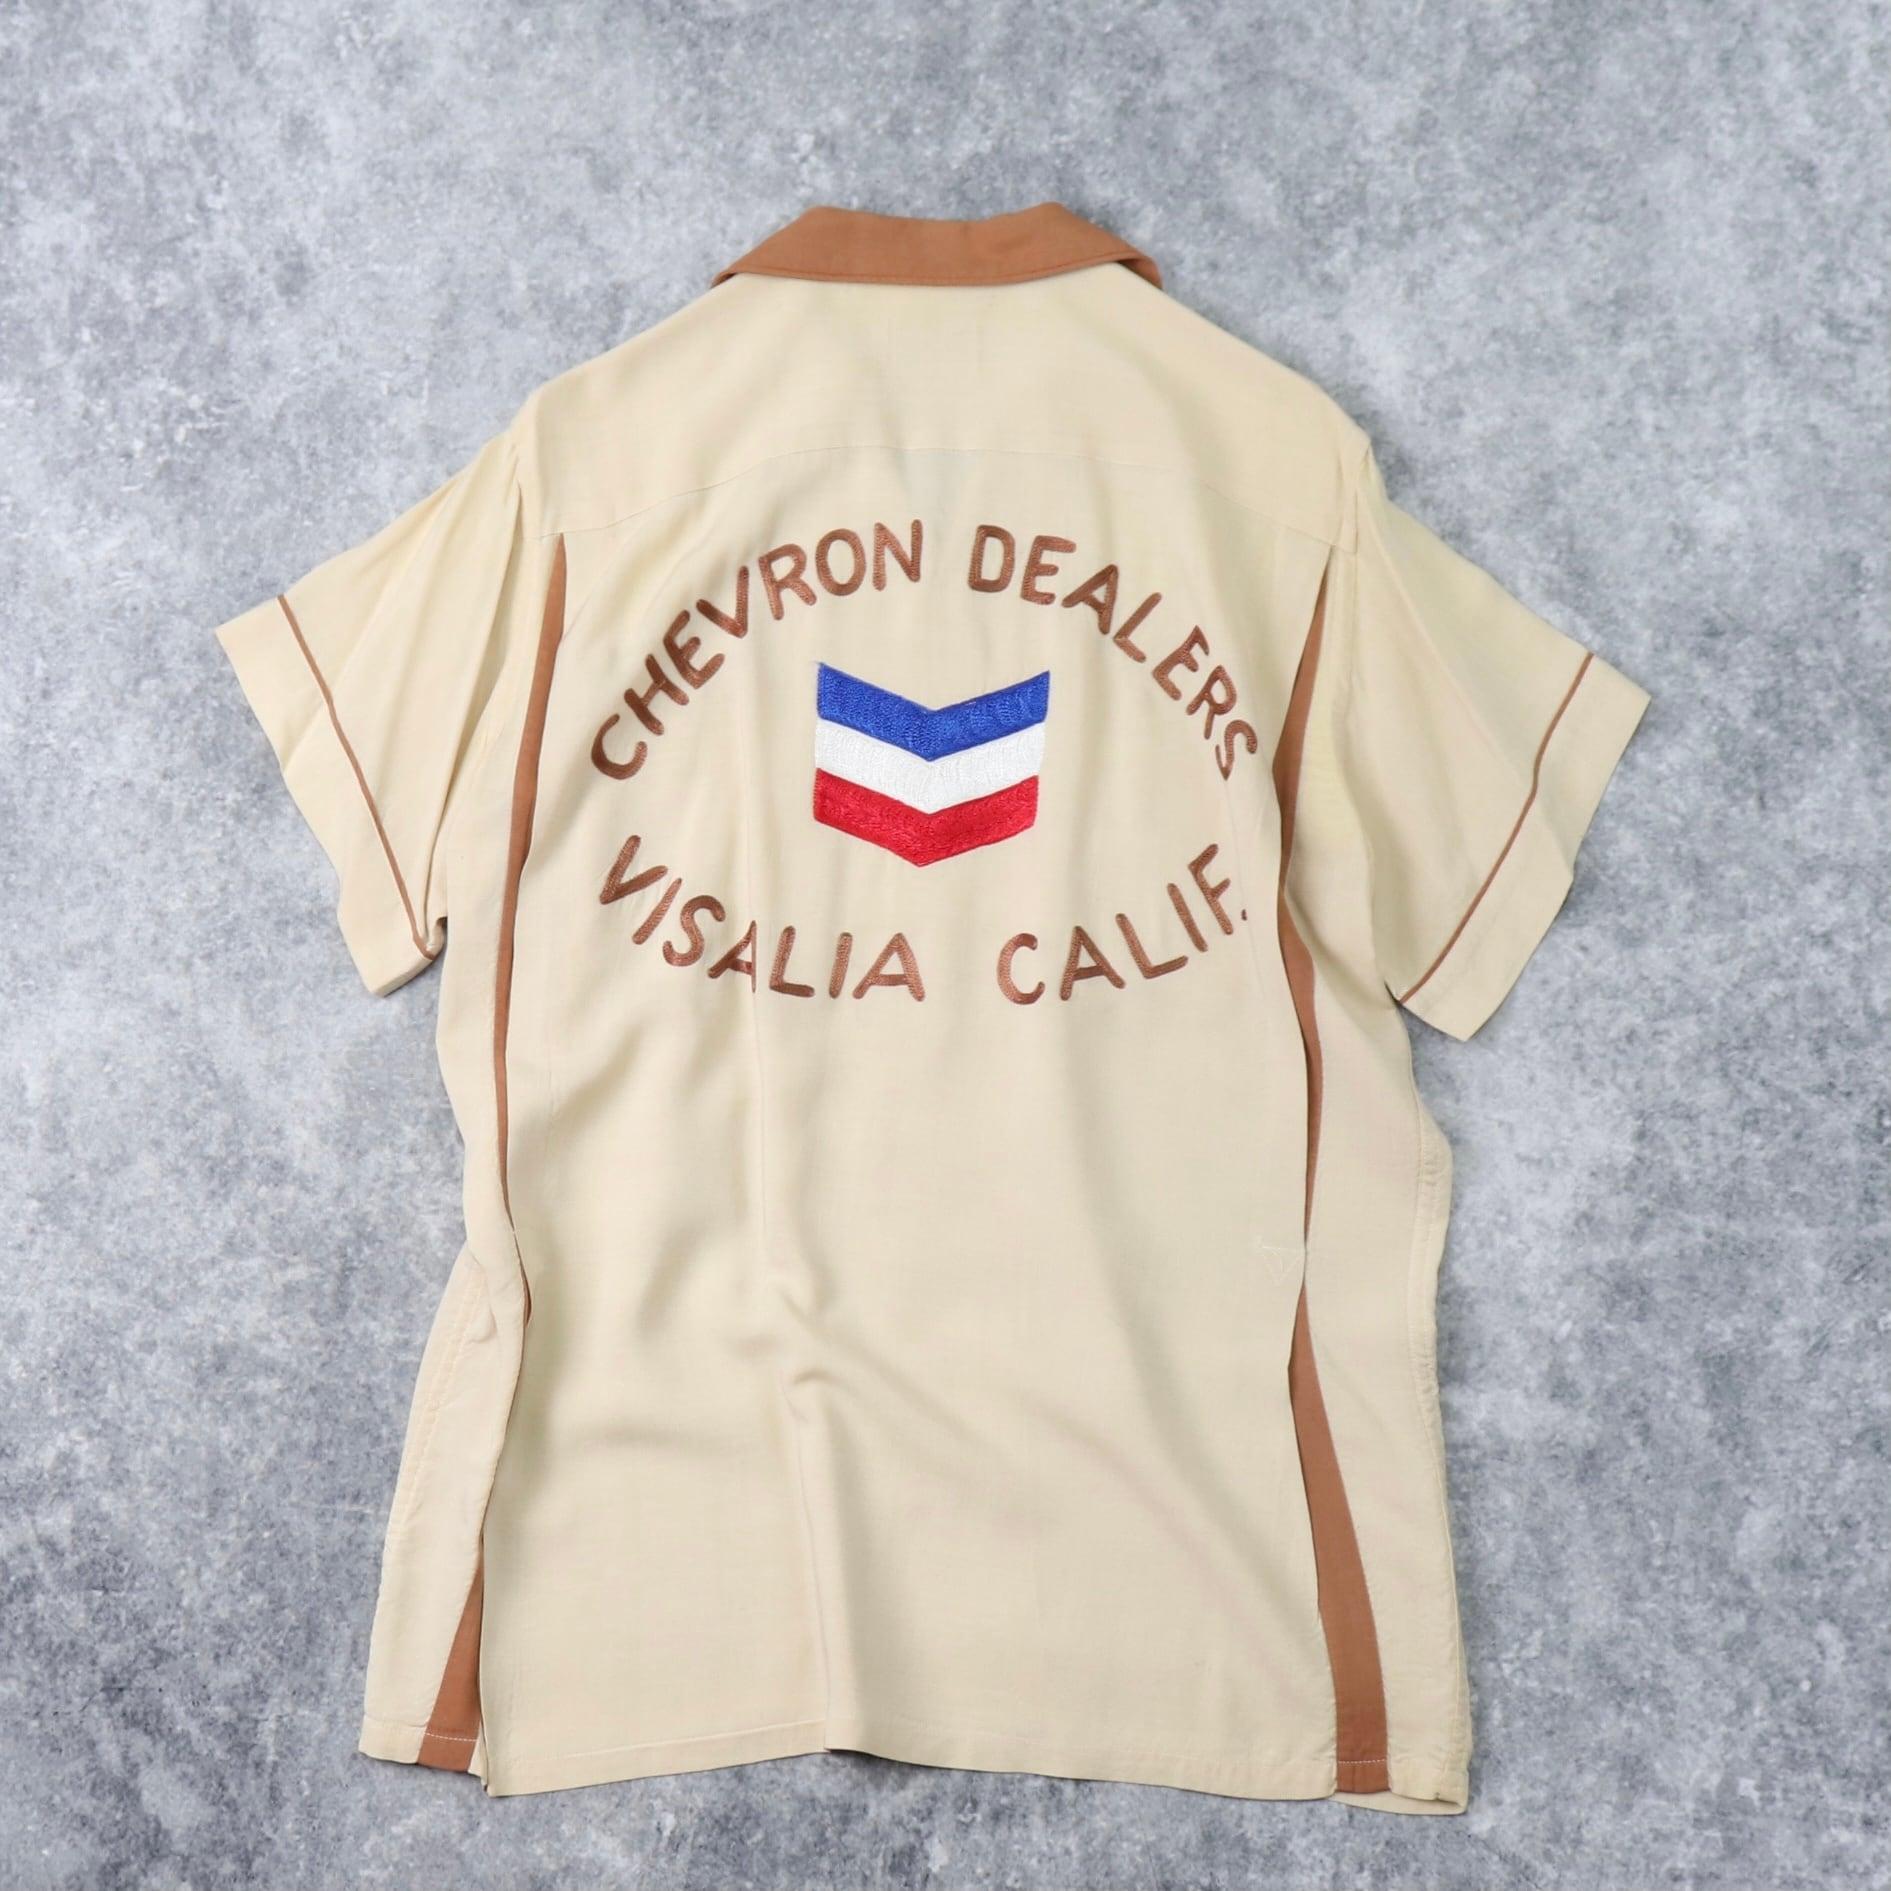 """60年代 """" Hilton """" ヒルトン ボーリングシャツ メンズM チェーン刺繍 3段 ヴィンテージ 古着"""